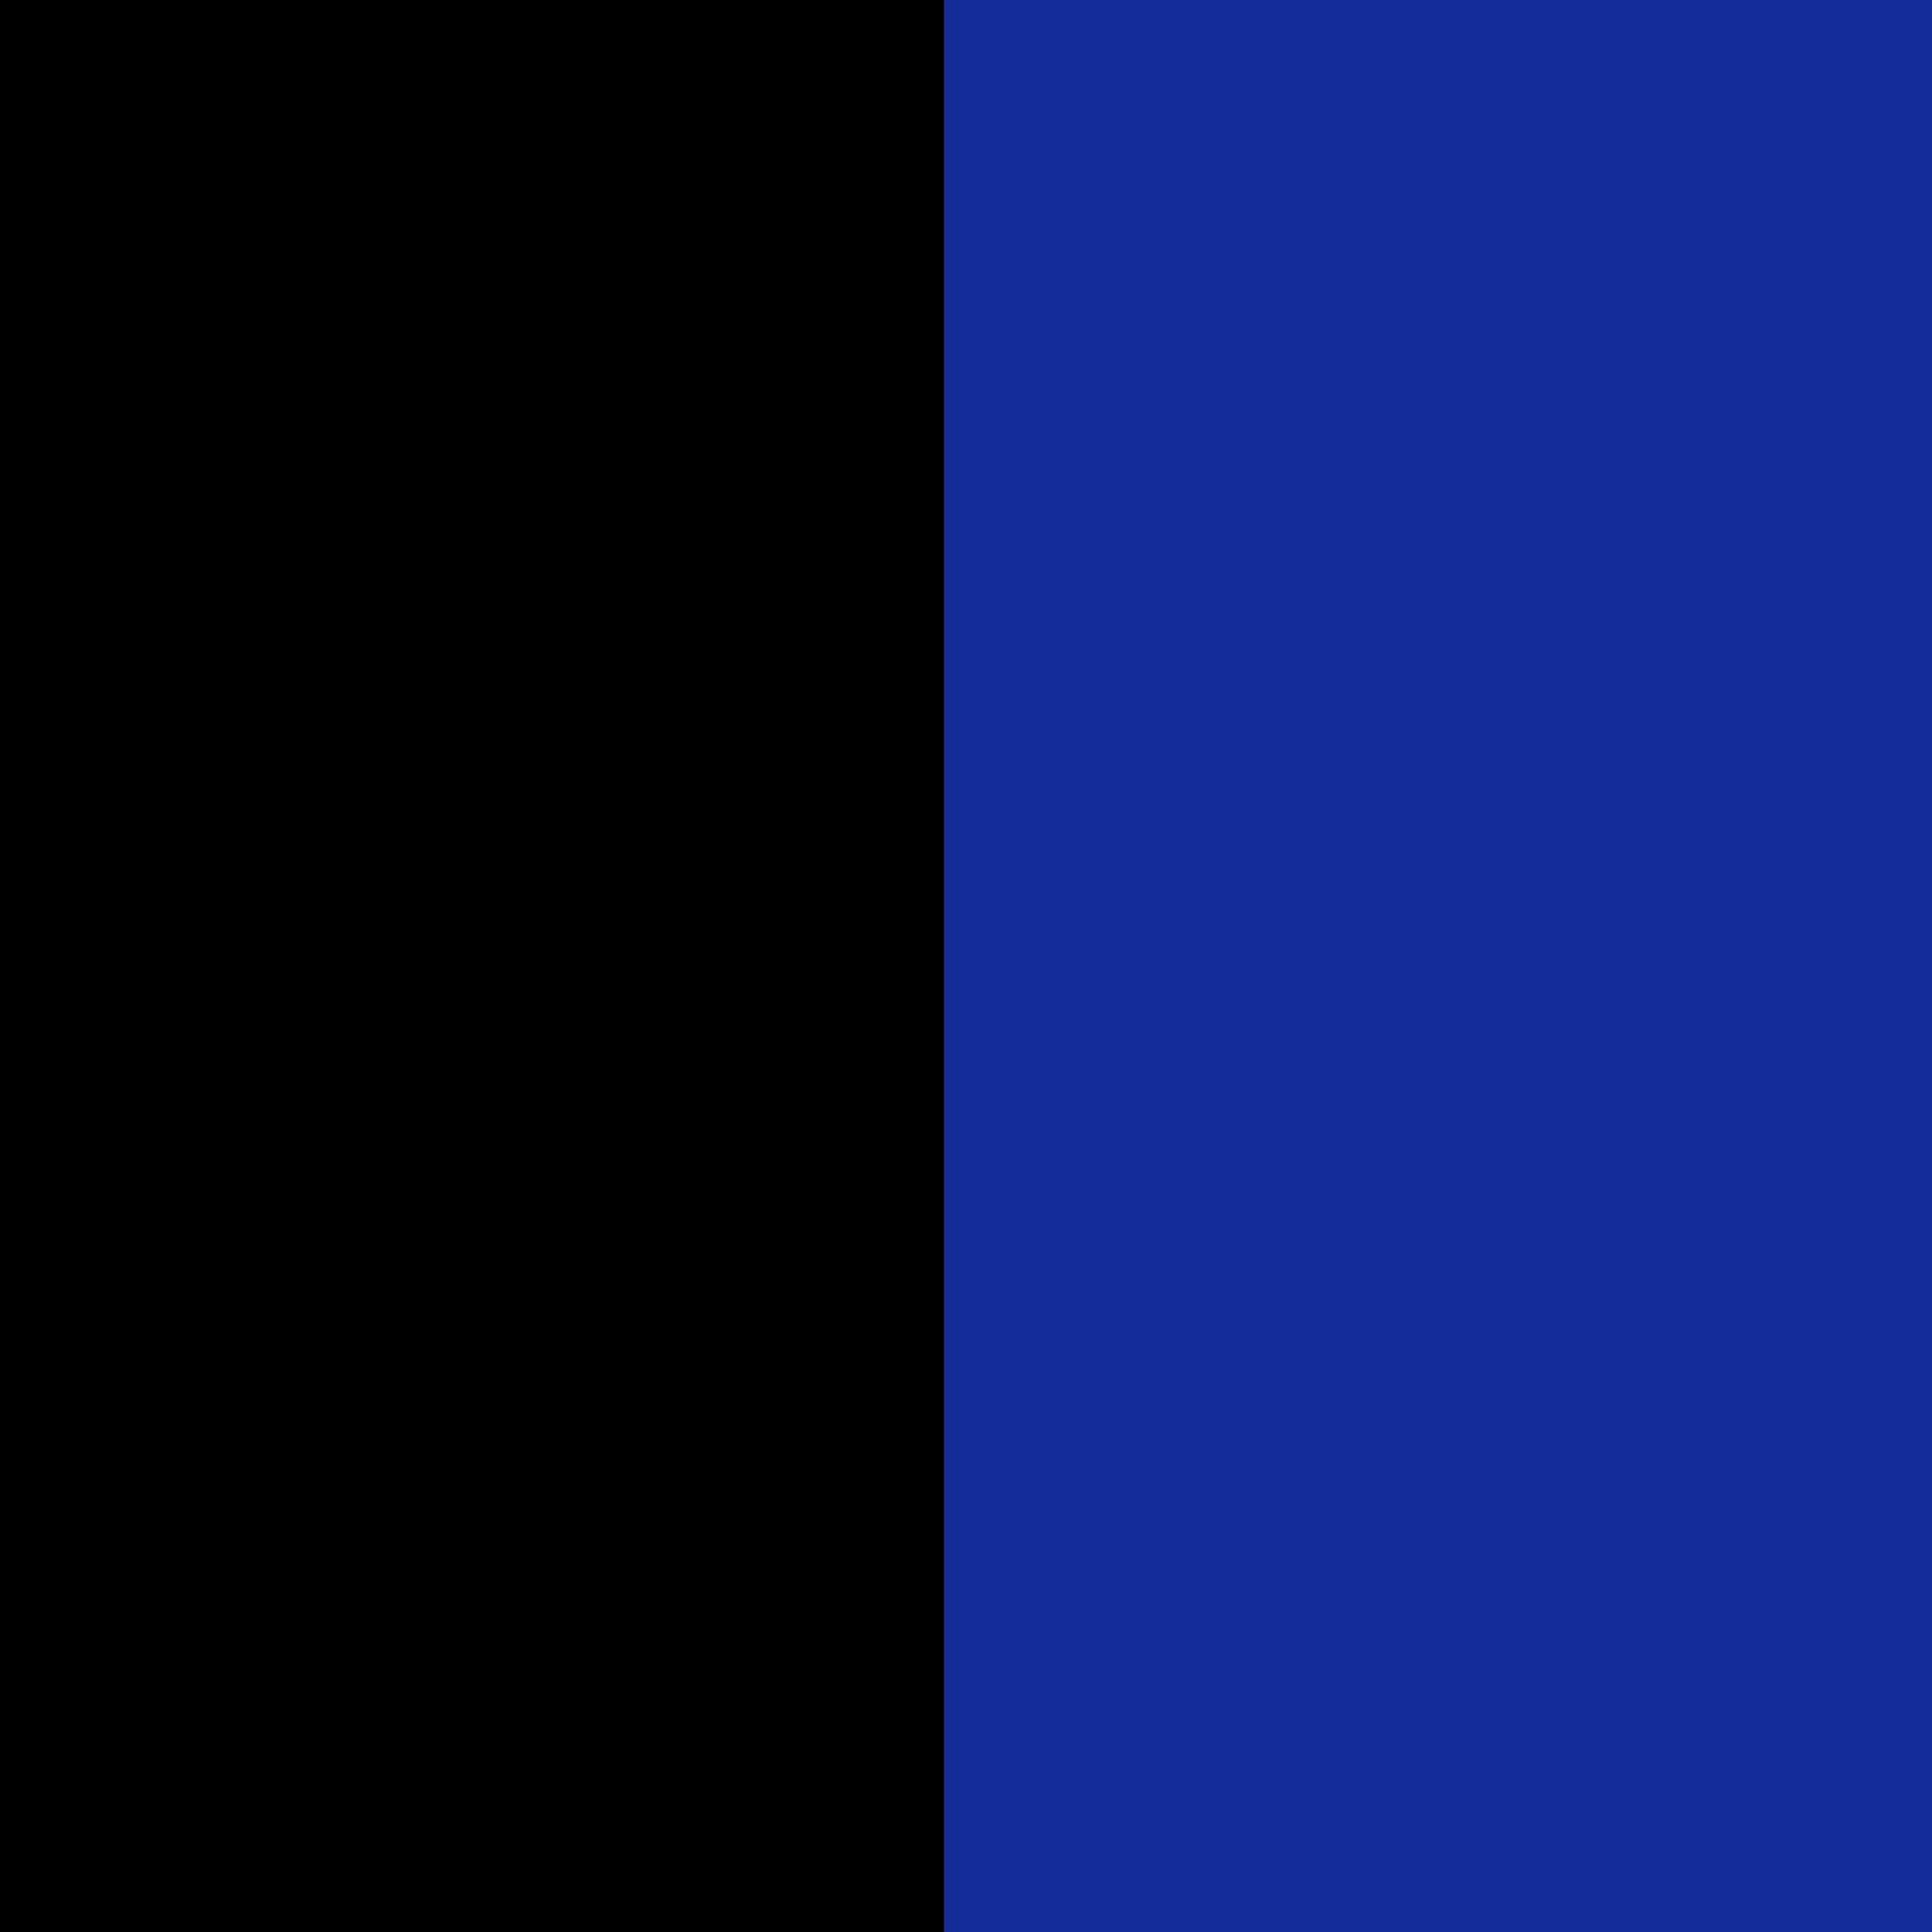 negru+albastru